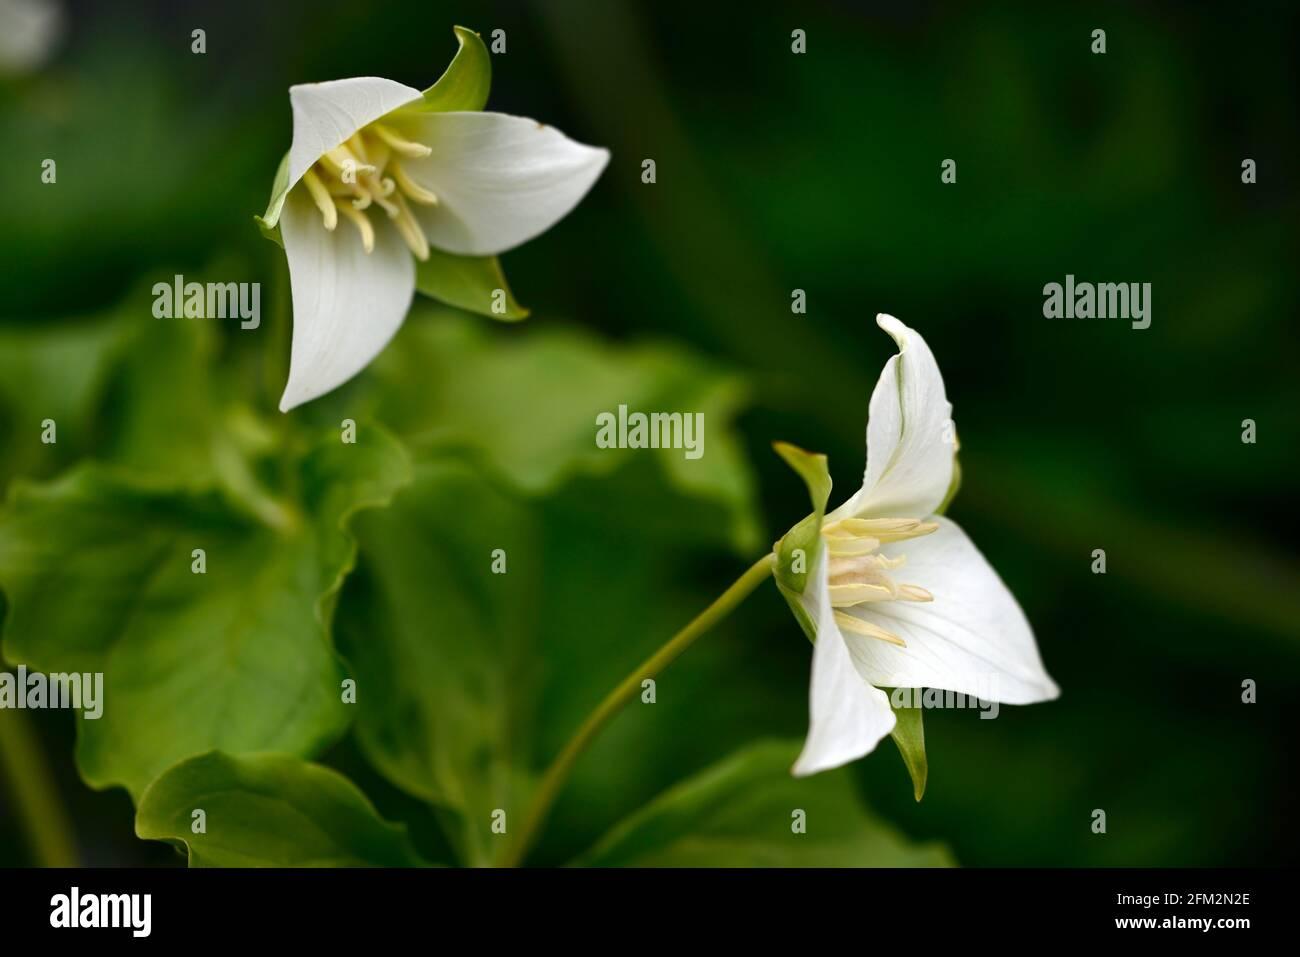 Trillium flexipes, nickend Wakerobin, gebogenes trillium, hängend Trillium, weiße Blumen, blühend, schattig, schattig, schattig, Waldländer, Waldländer, Holz, Waldgas Stockfoto